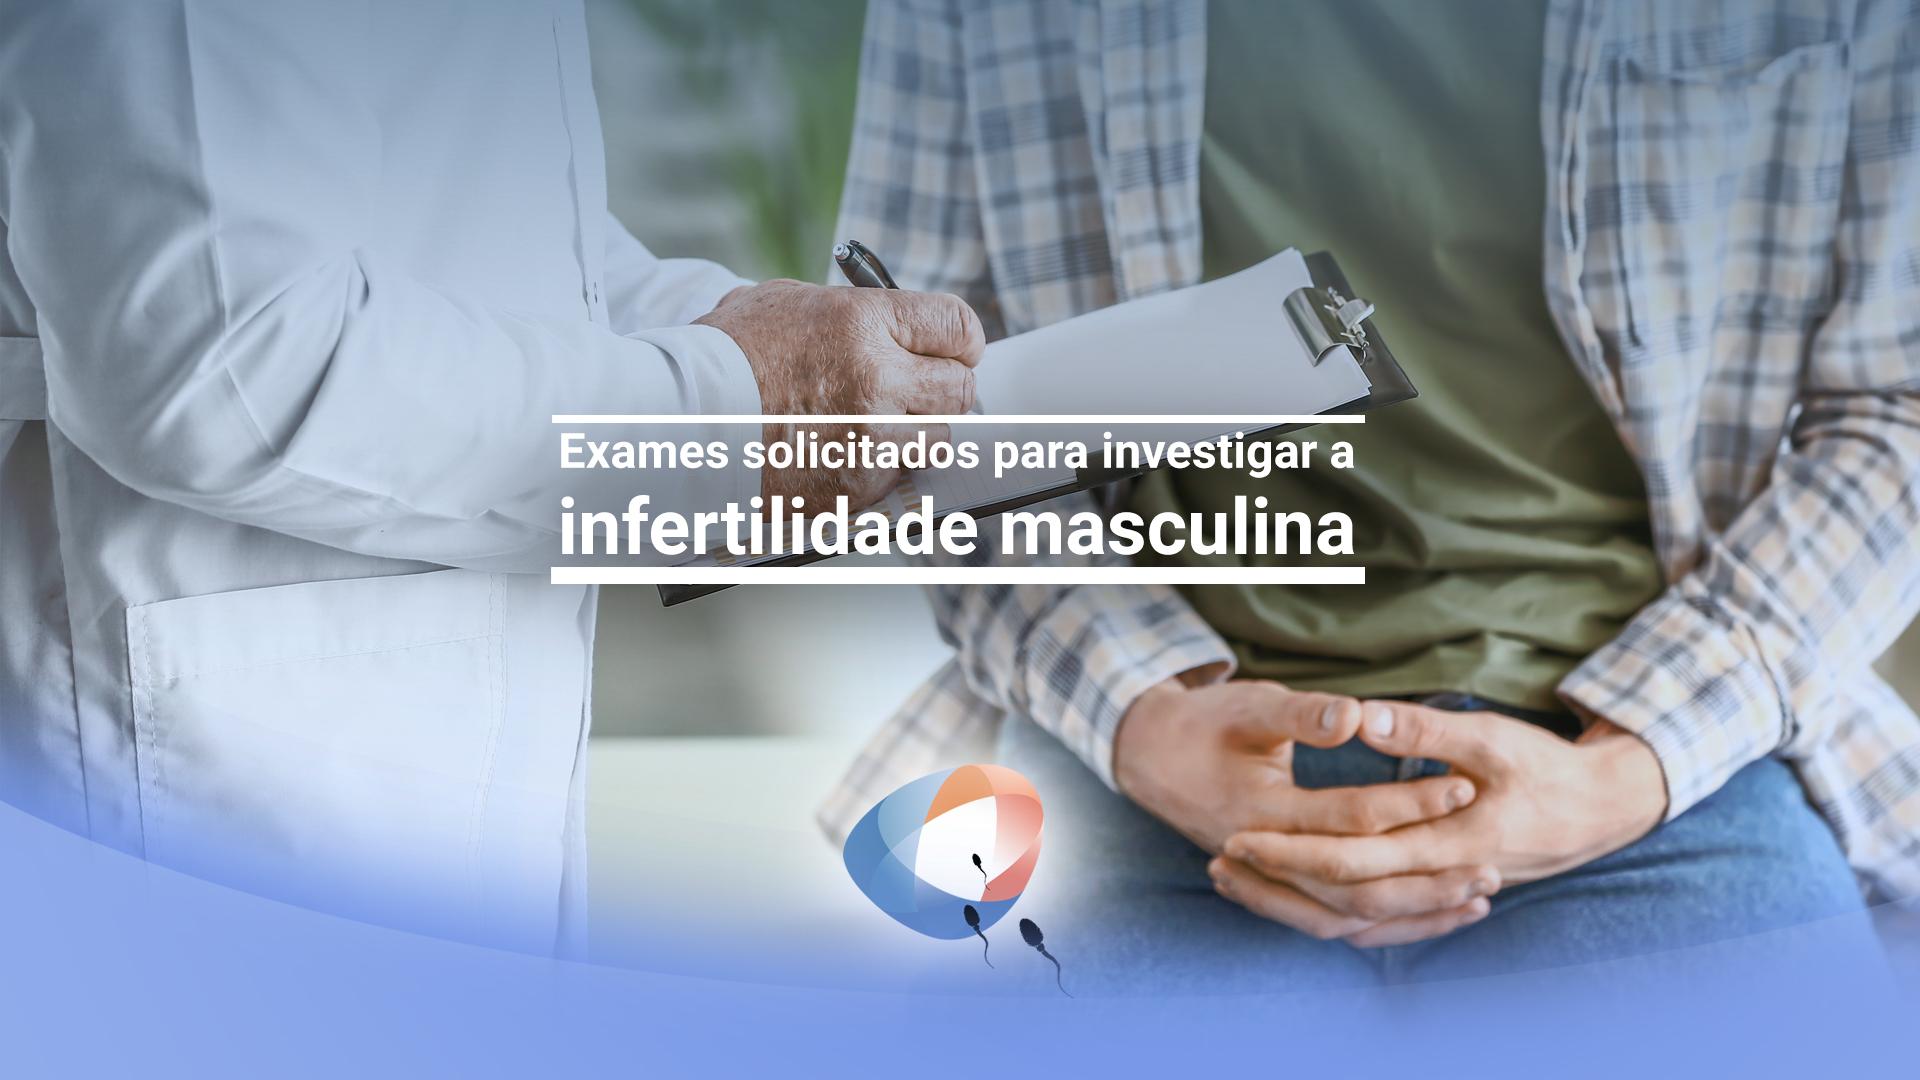 Exames solicitados para investigar a infertilidade masculina